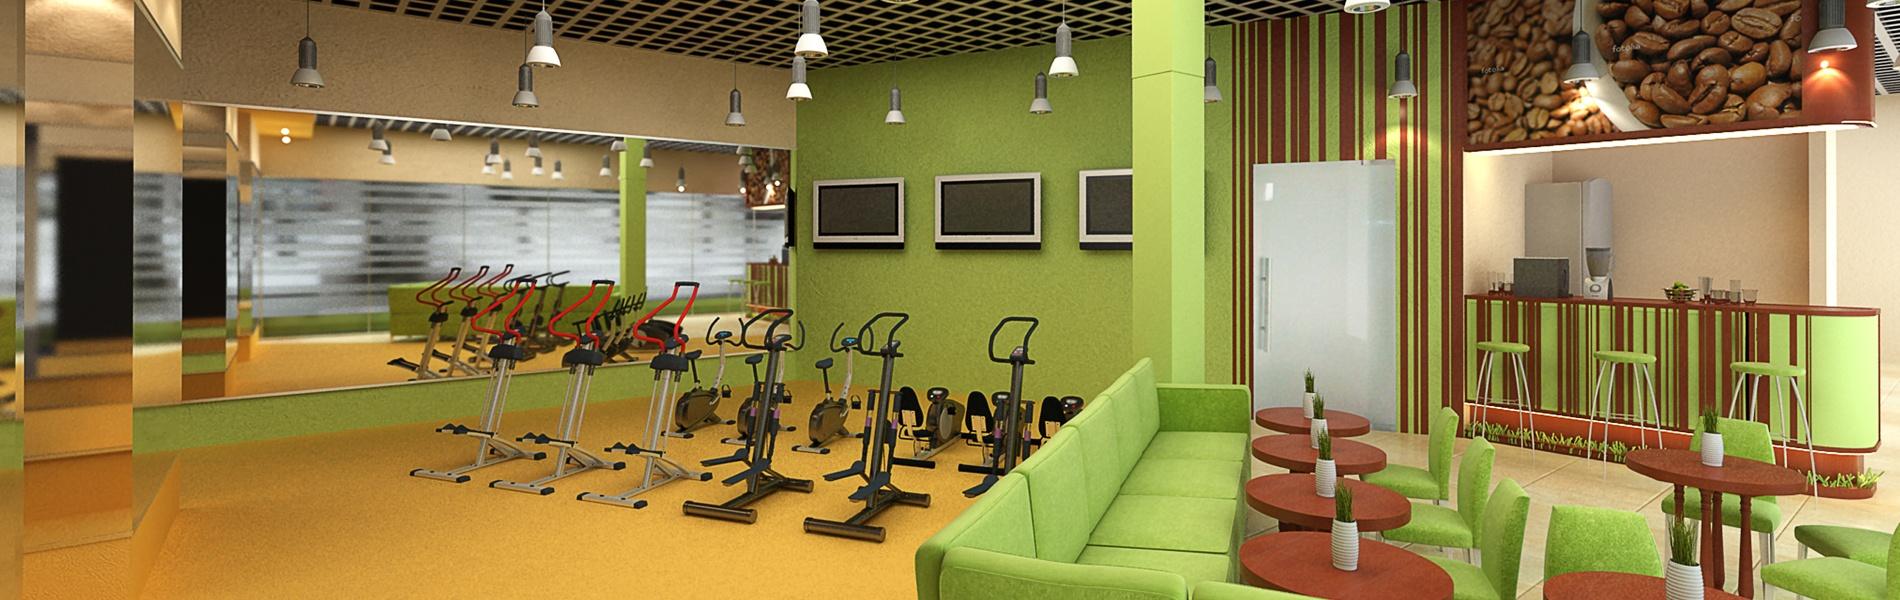 -5-Innovative-Recreation-Facilities-Leading-the-Way_1900x600v2.jpg